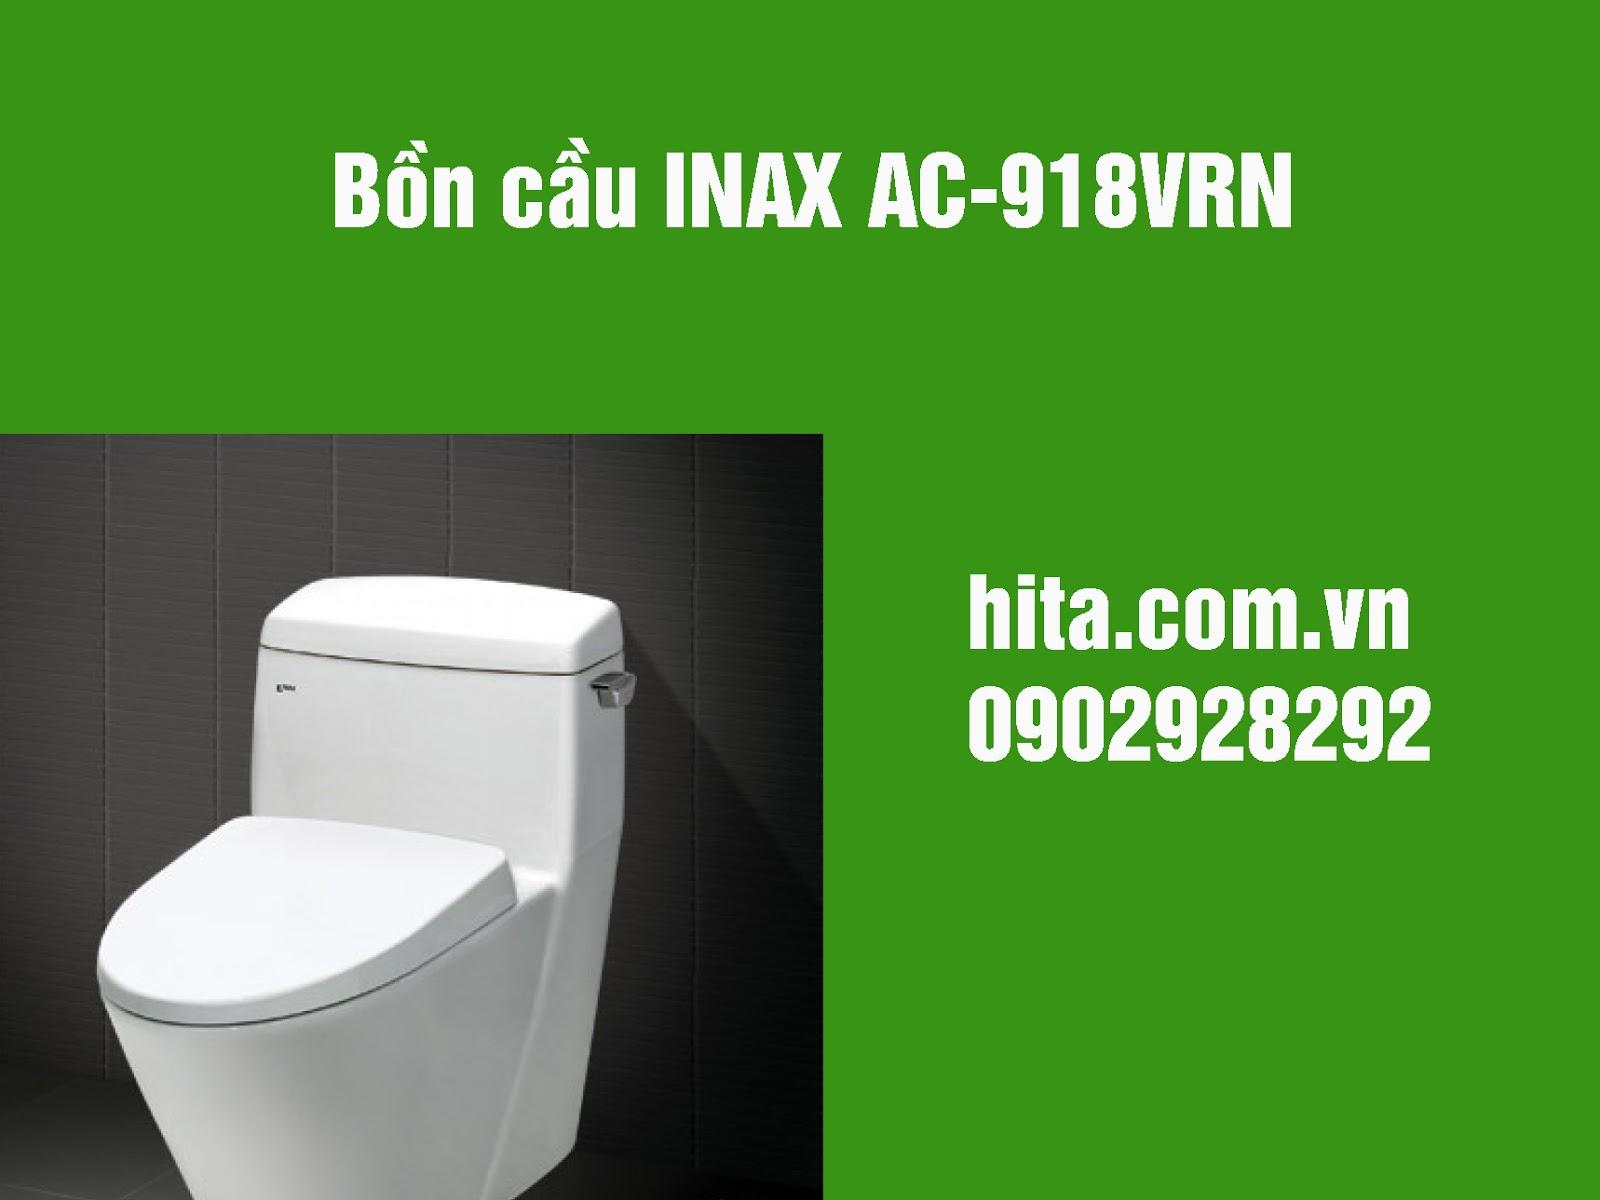 Giá và kích thước bồn cầu INAX AC-918VRN mới nhất